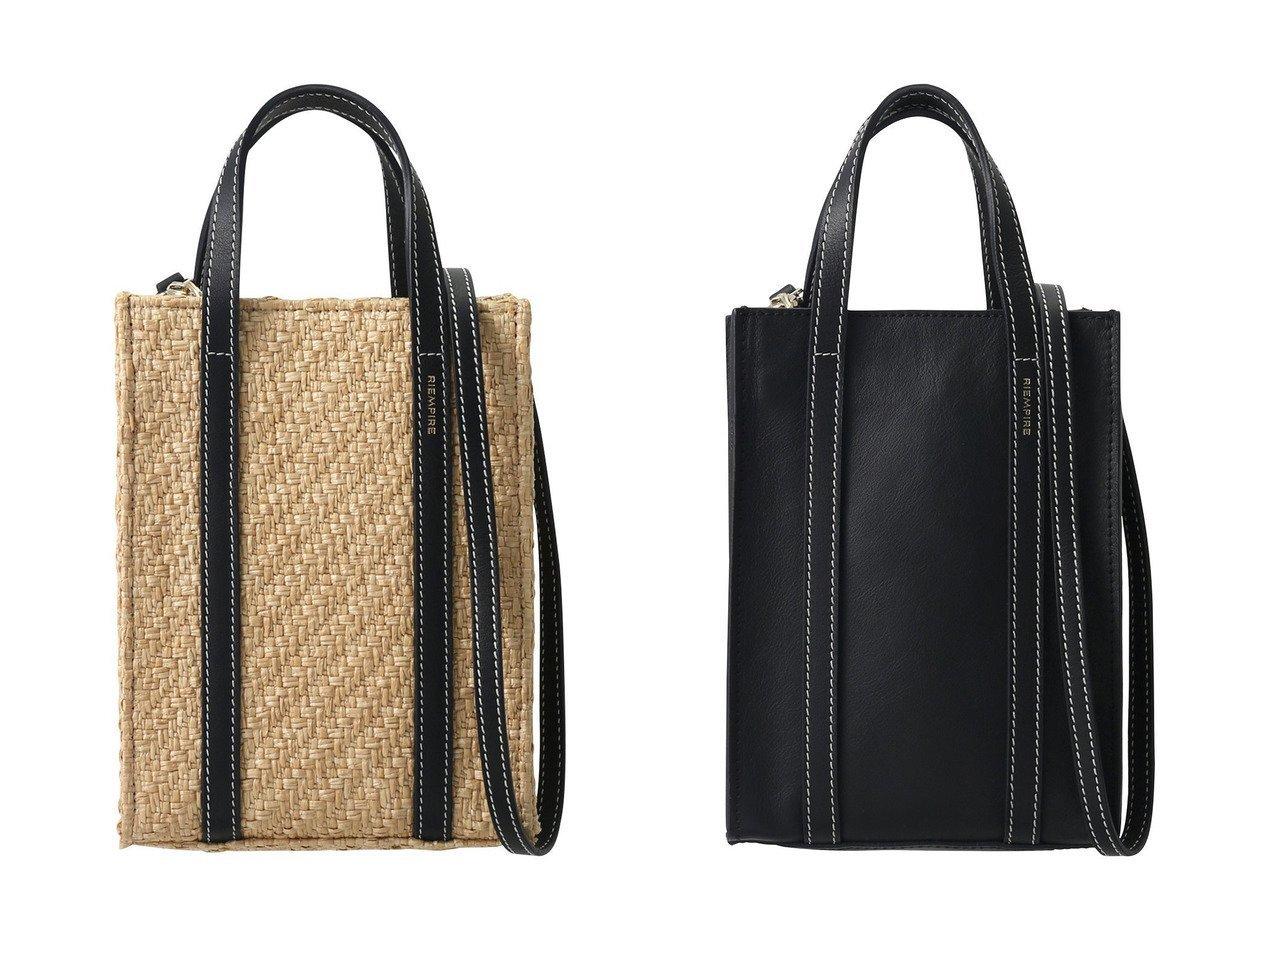 【RIEMPIRE/リエンピーレ】の【RIEMPIRE X Saori Oyamada】MARILU S 2wayハンドバッグ&【RIEMPIRE X Saori Oyamada】MARILU LEATHER 2wayハンドバッグ 【バッグ・鞄】おすすめ!人気、トレンド・レディースファッションの通販 おすすめで人気の流行・トレンド、ファッションの通販商品 メンズファッション・キッズファッション・インテリア・家具・レディースファッション・服の通販 founy(ファニー) https://founy.com/ ファッション Fashion レディースファッション WOMEN バッグ Bag スマート ハンドバッグ 春 Spring 財布 A/W・秋冬 AW・Autumn/Winter・FW・Fall-Winter シンプル 人気  ID:crp329100000032403